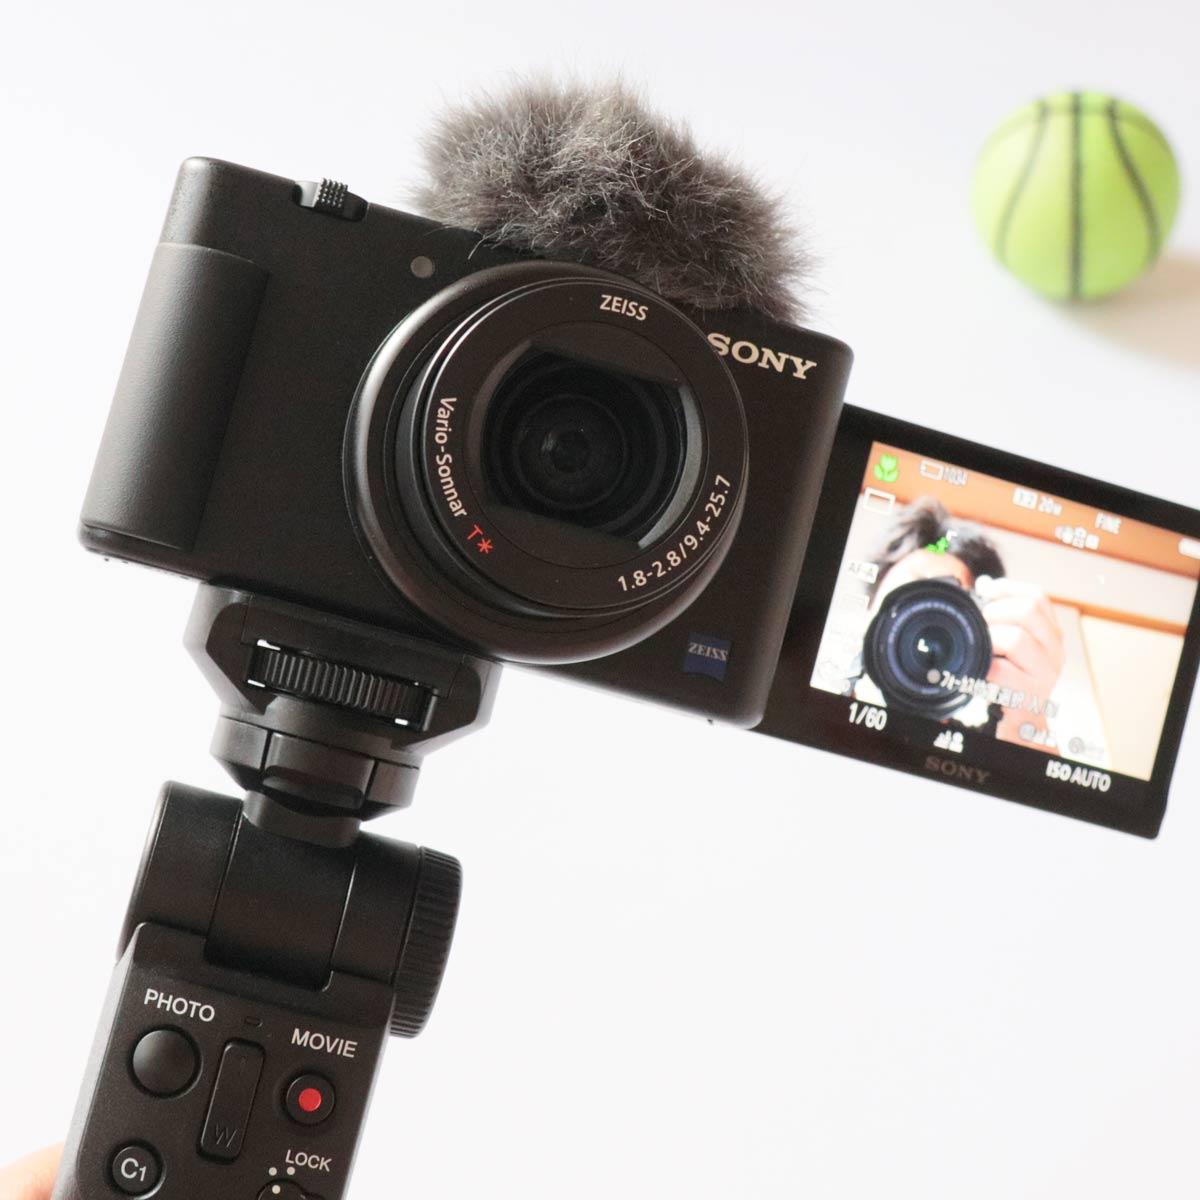 ソニーからVlogデジカメ「VLOGCAM ZV-1」登場! 自分撮りしやすいバリアングル液晶採用